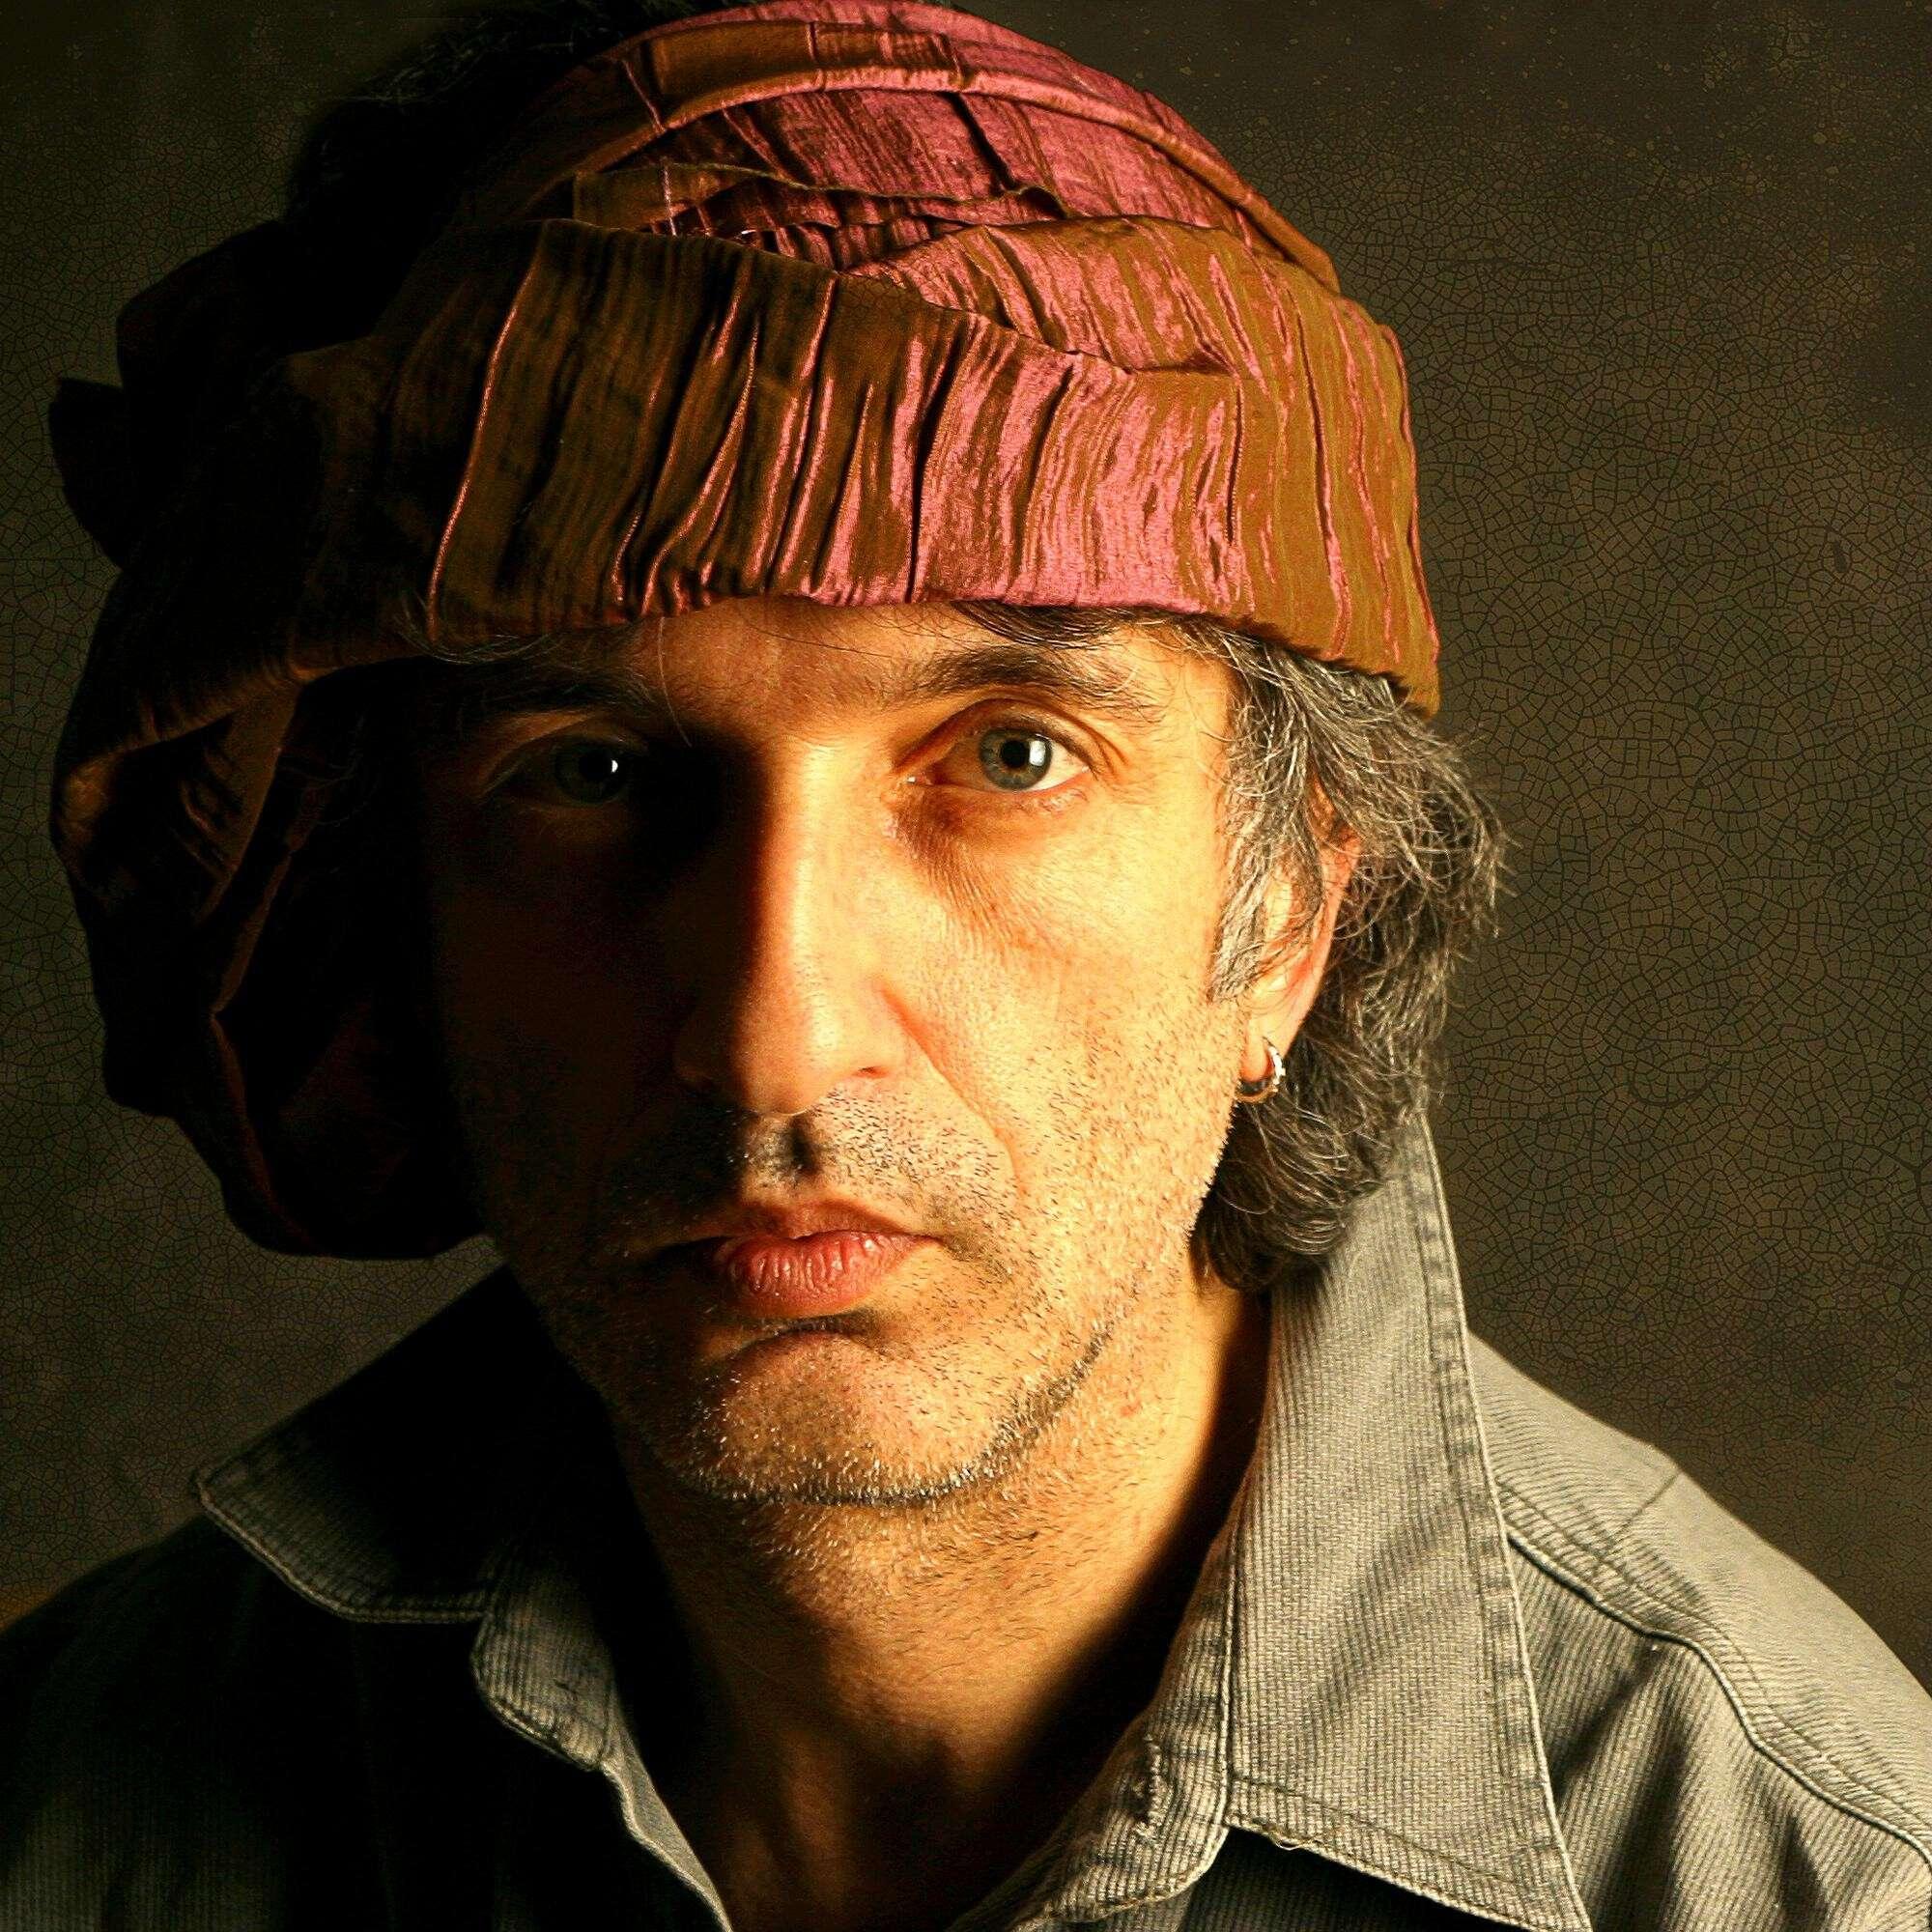 Автопортрет в тюрбане.  Из серии «Автопортрет», 2005-2008 Коллекция автора